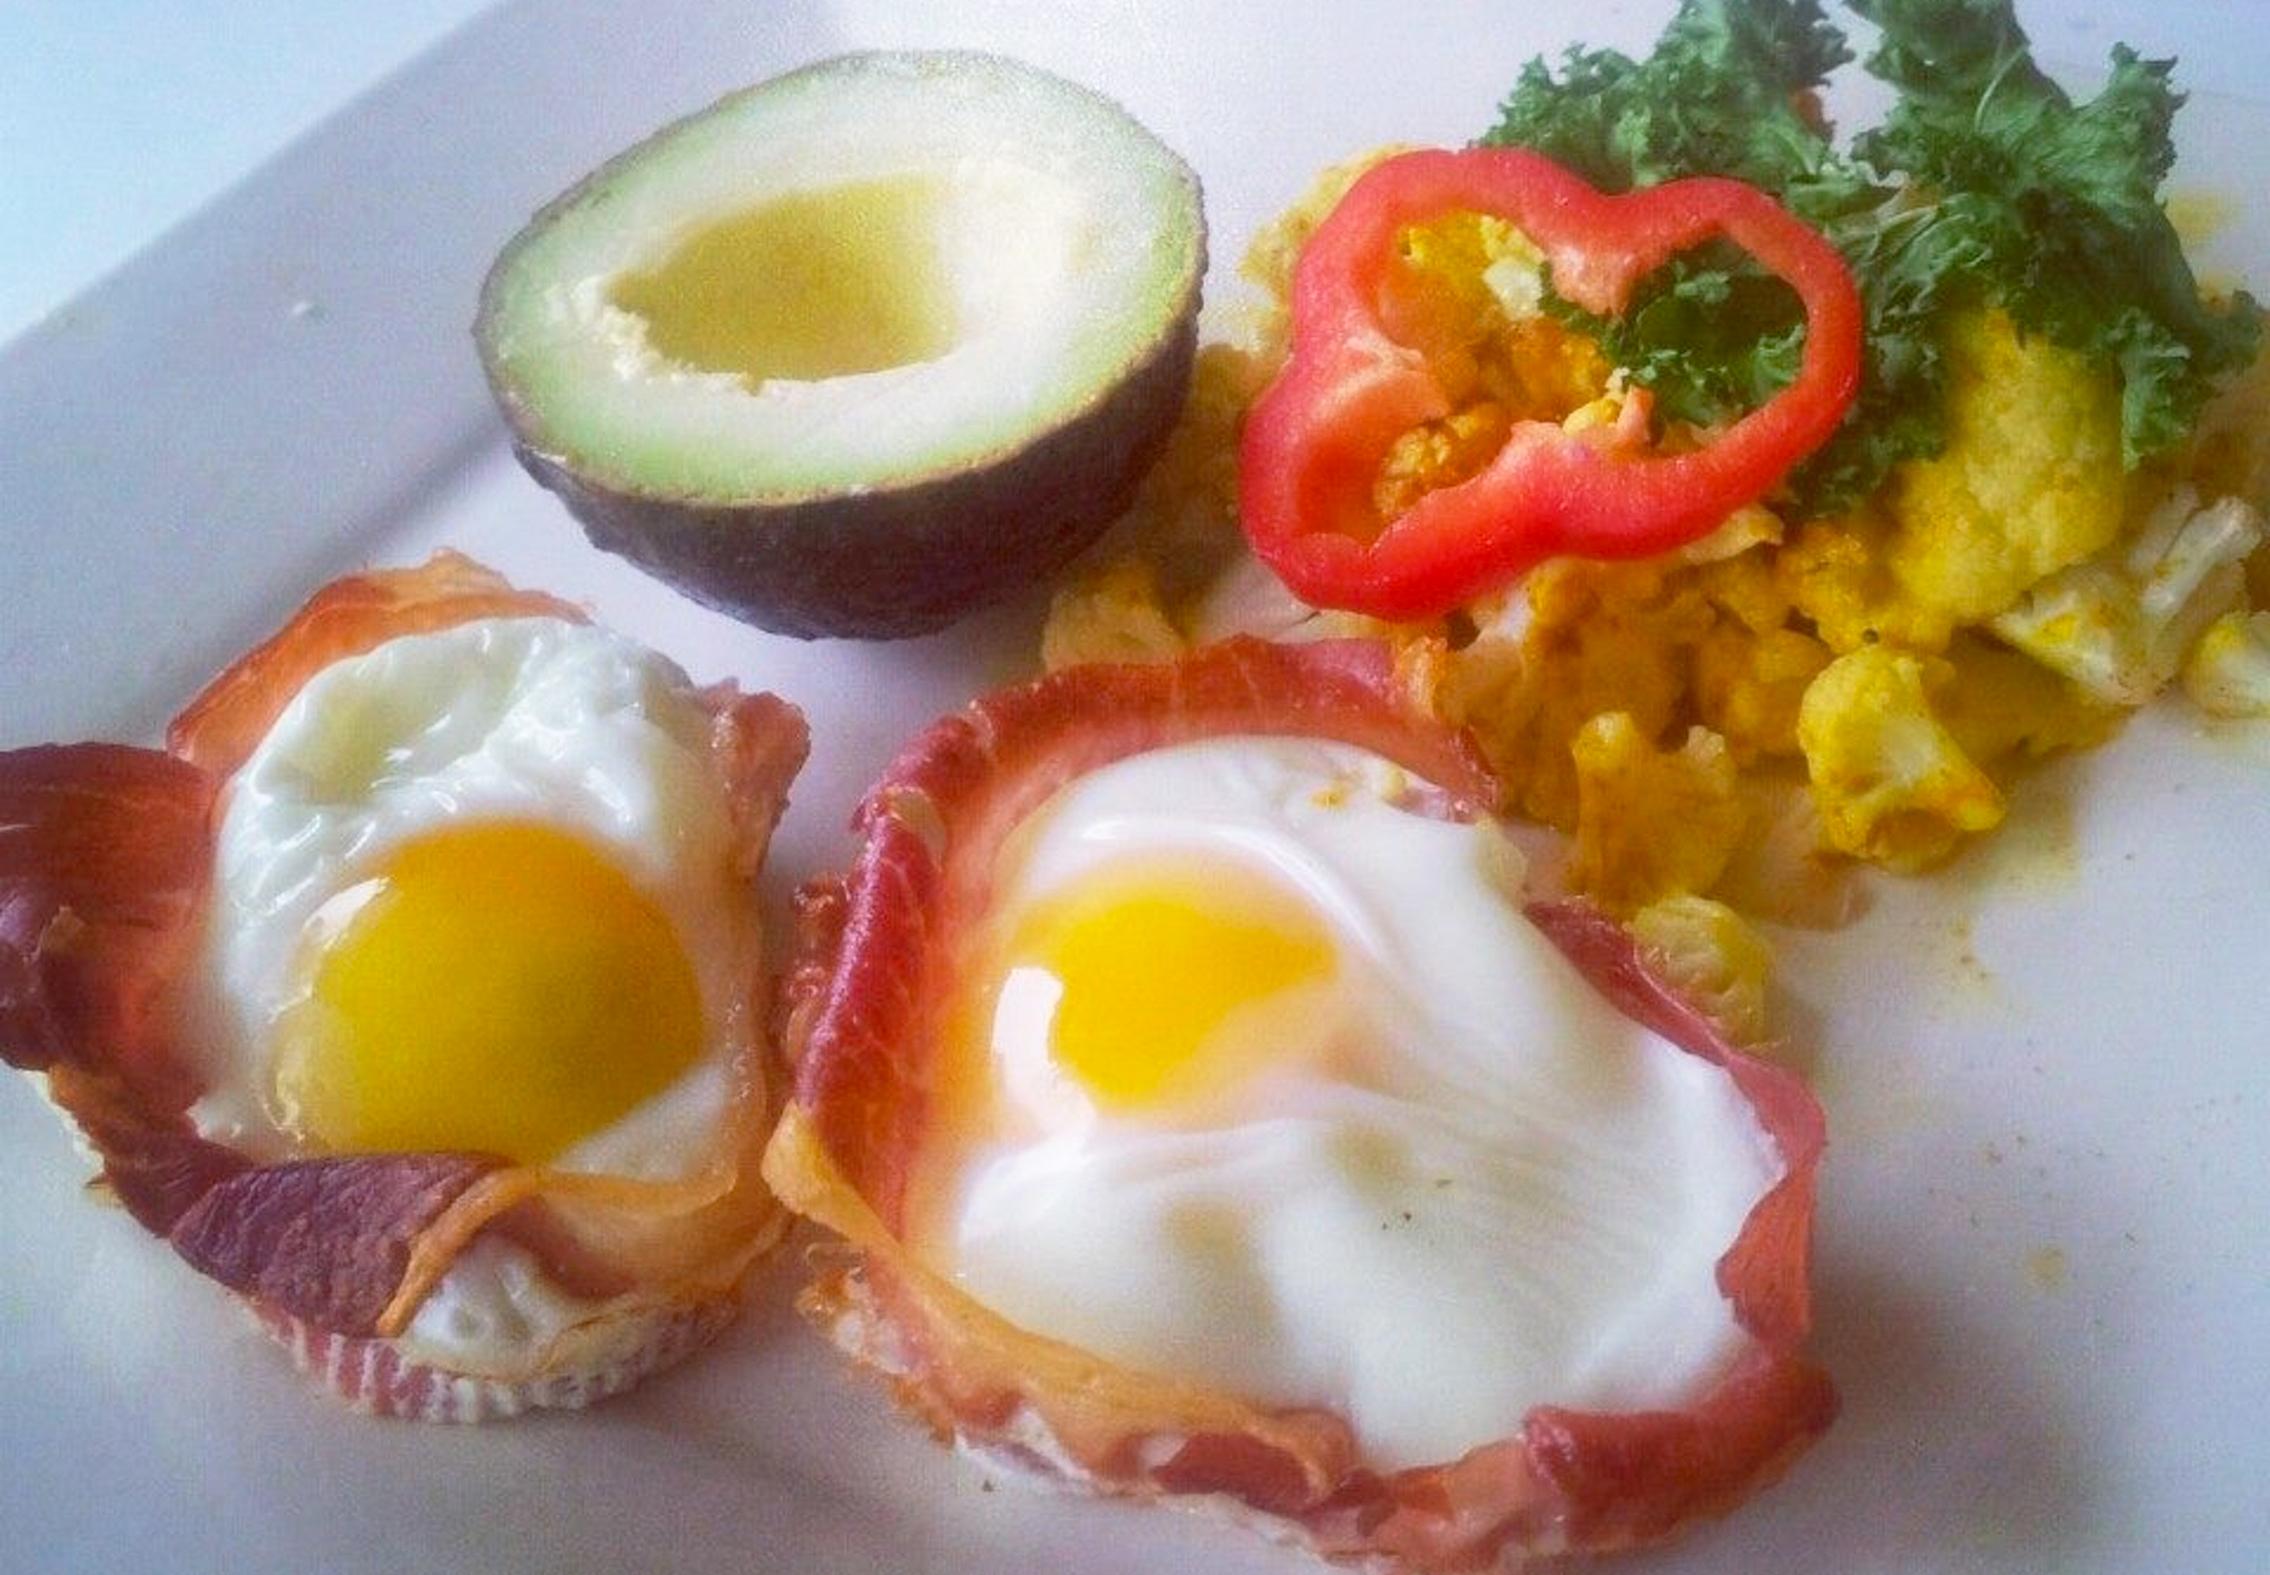 Fantastisk Weekendbrunch Med æg Serveret I Bacon Womandk